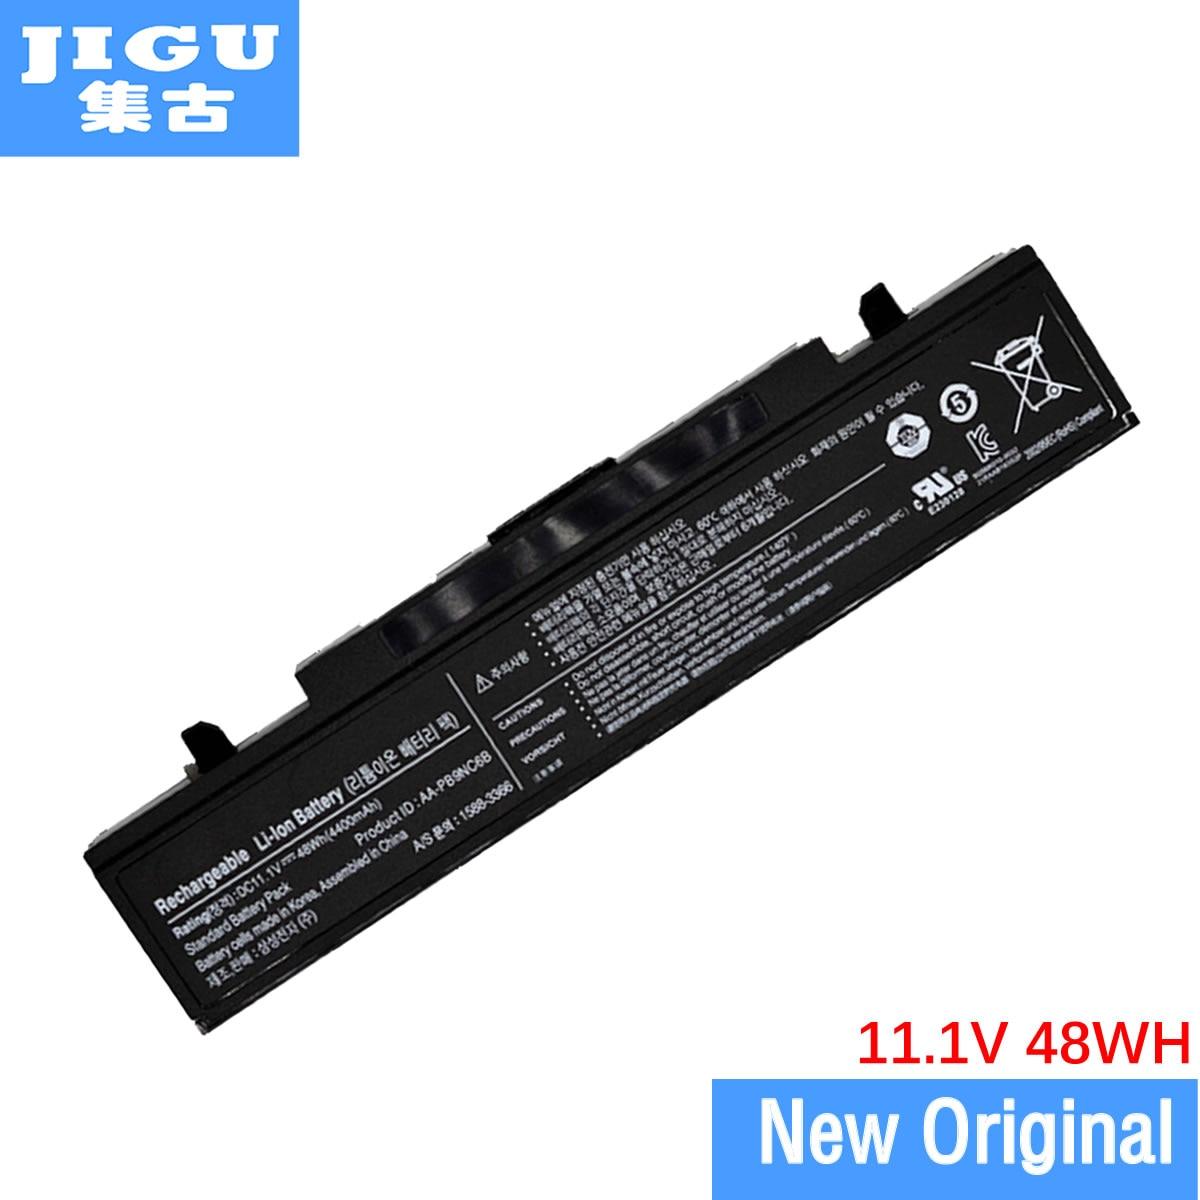 JIGU AA-PB9NC6B Оригинальный Аккумулятор - Аксессуары для ноутбуков